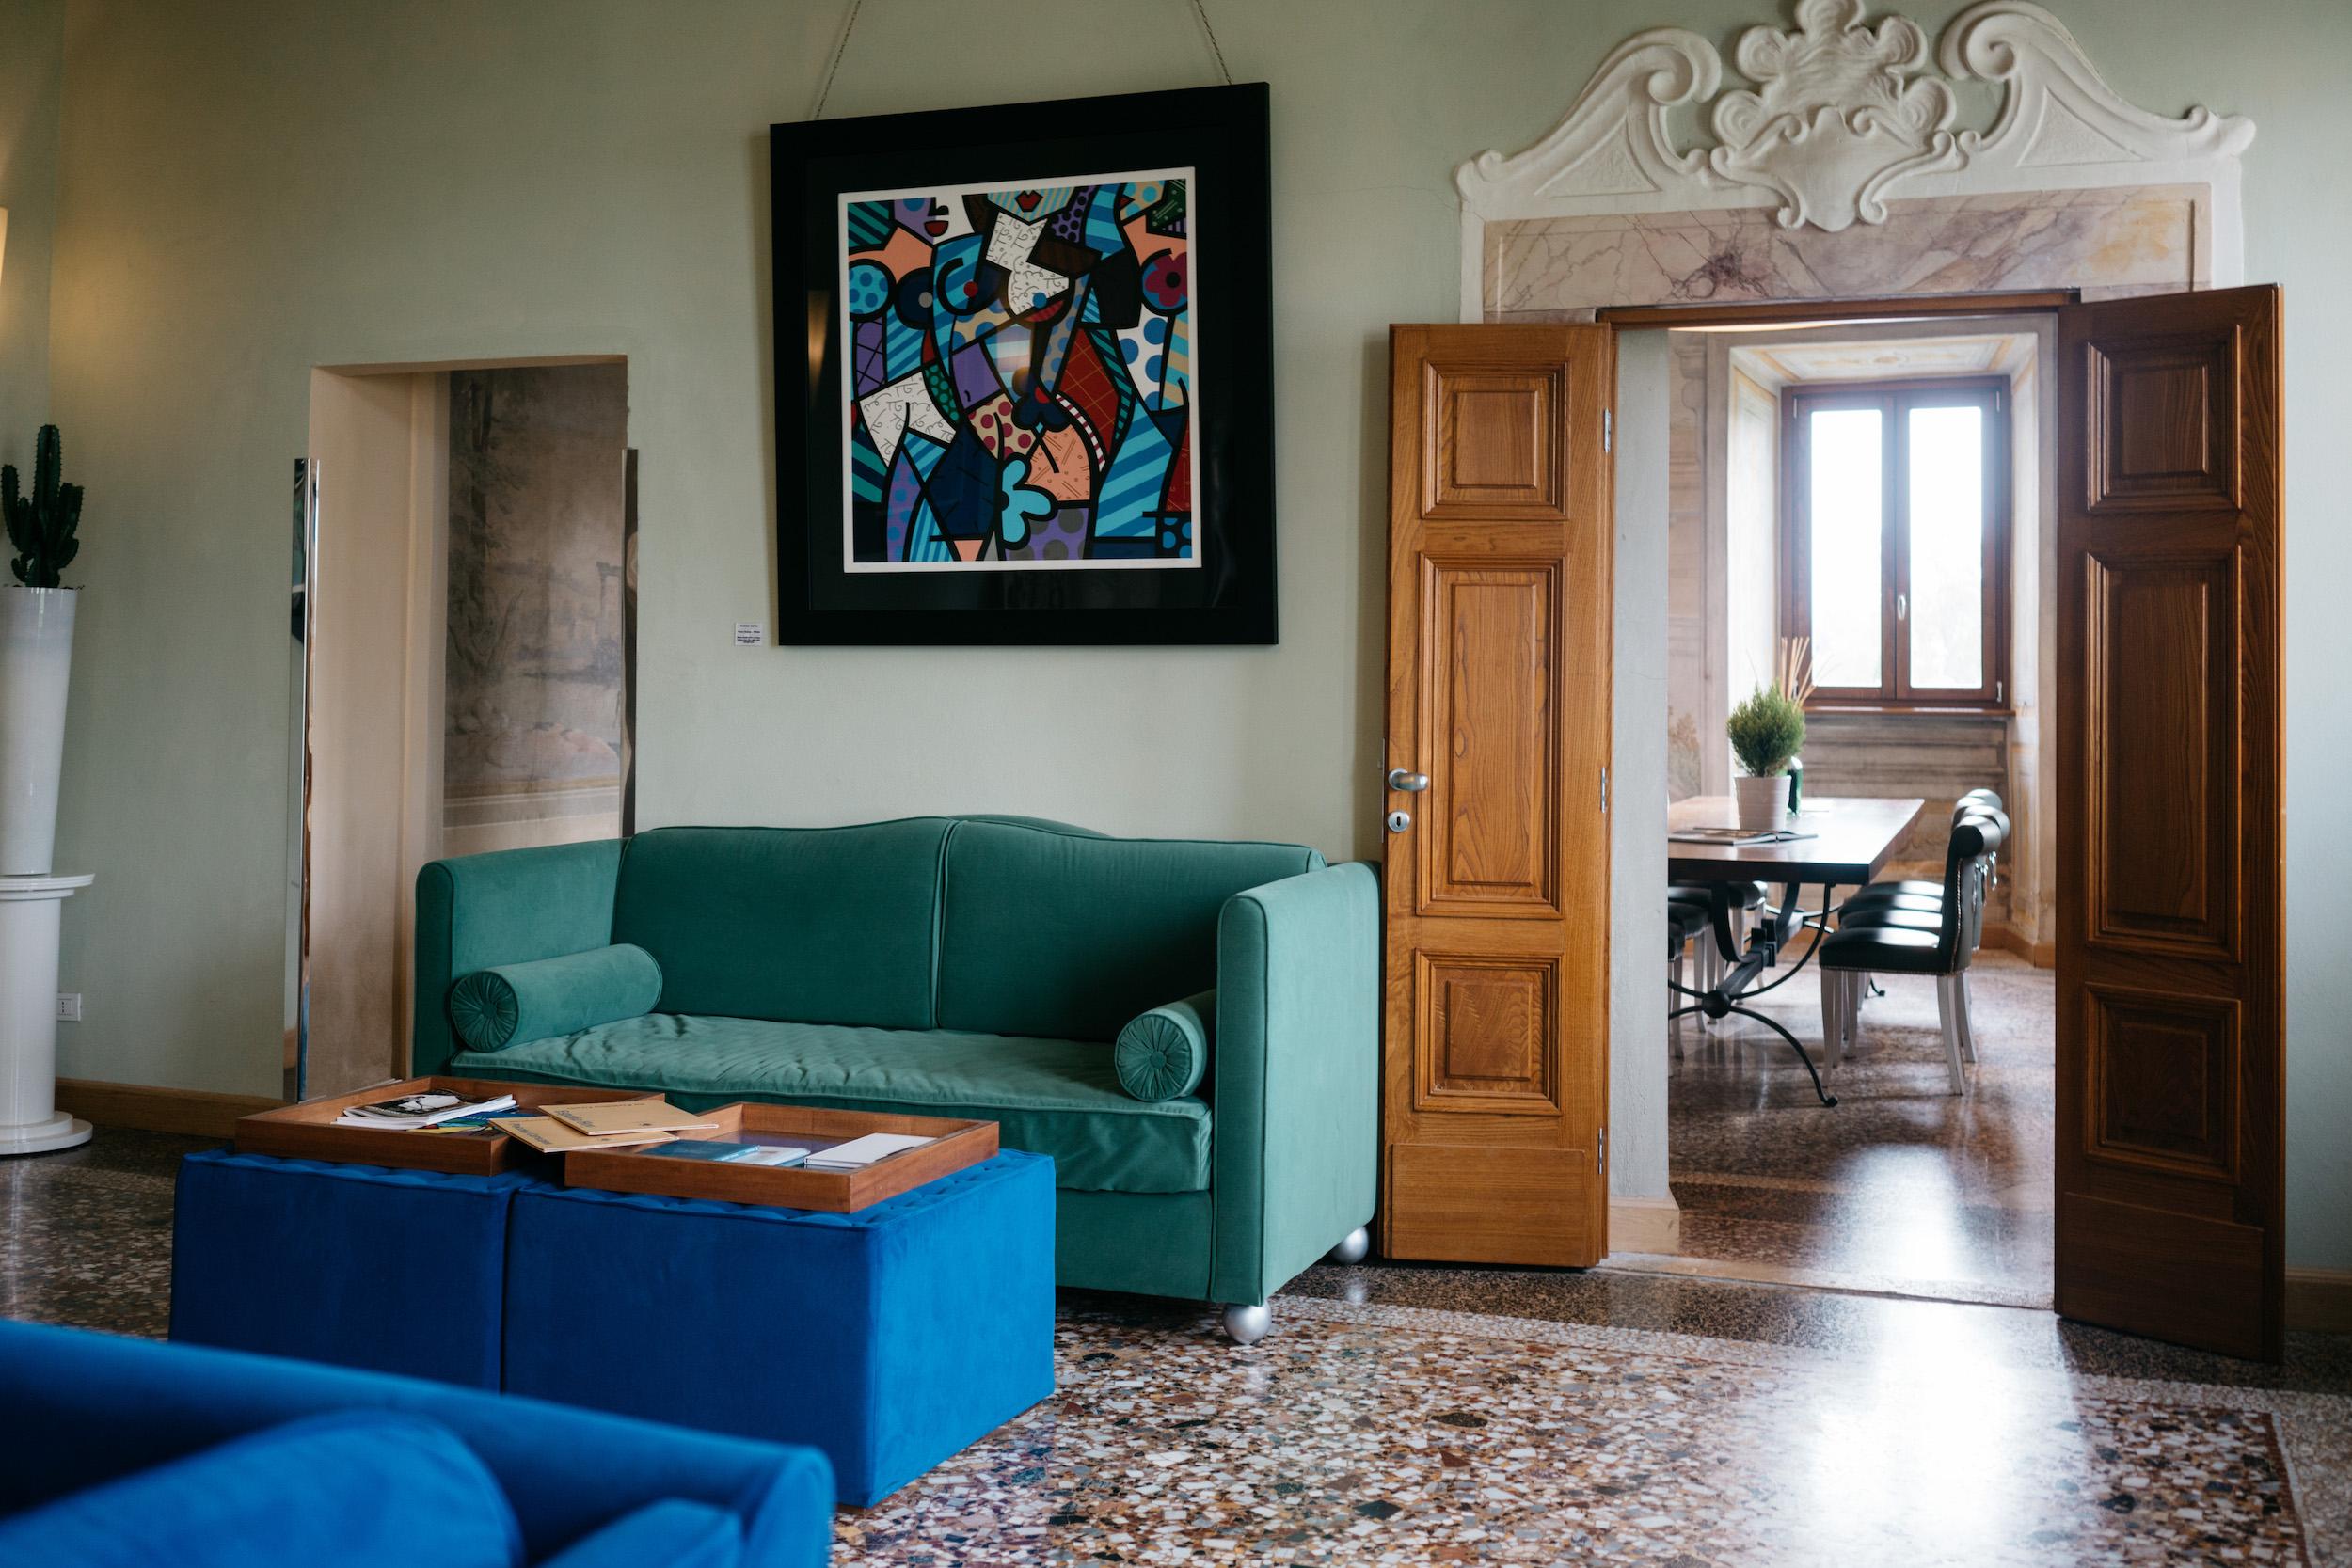 villa tolomei florence italy